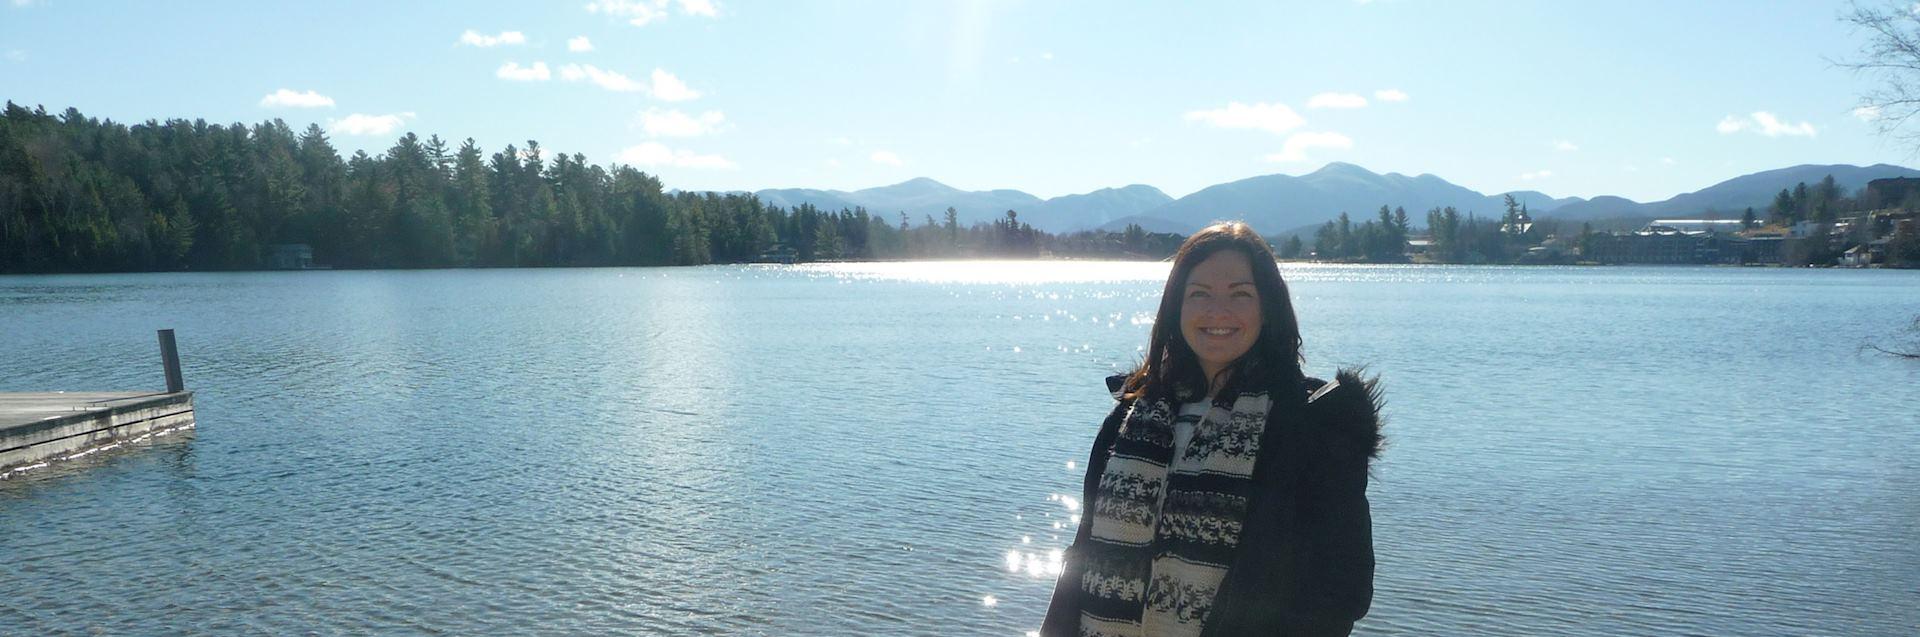 Shannon at Lake Placid